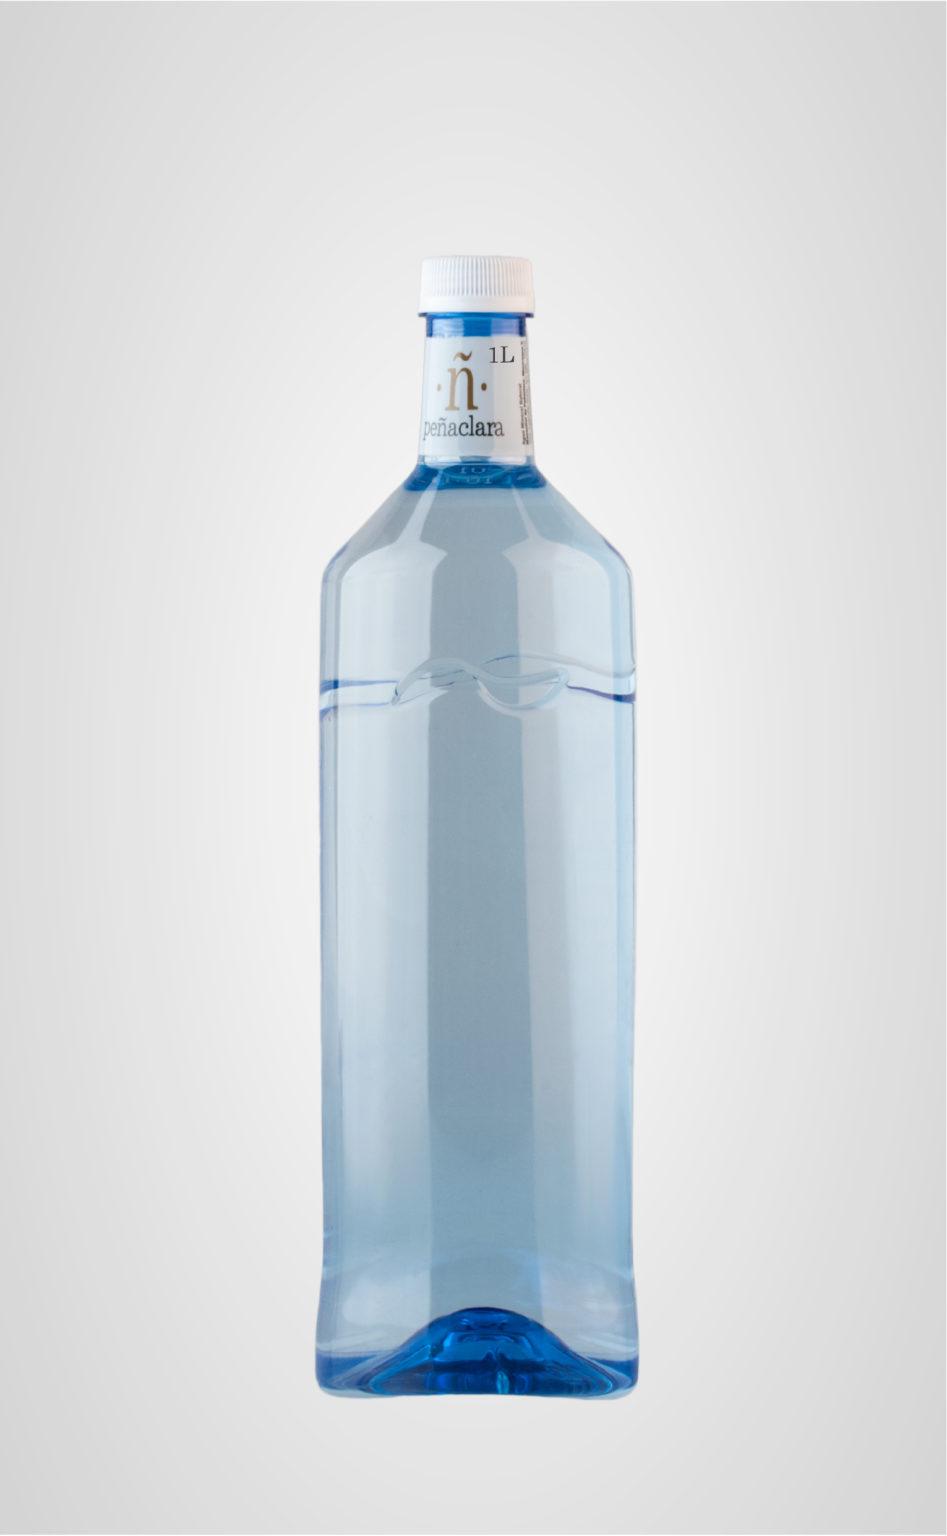 Botella Ñ 1L Peñaclara